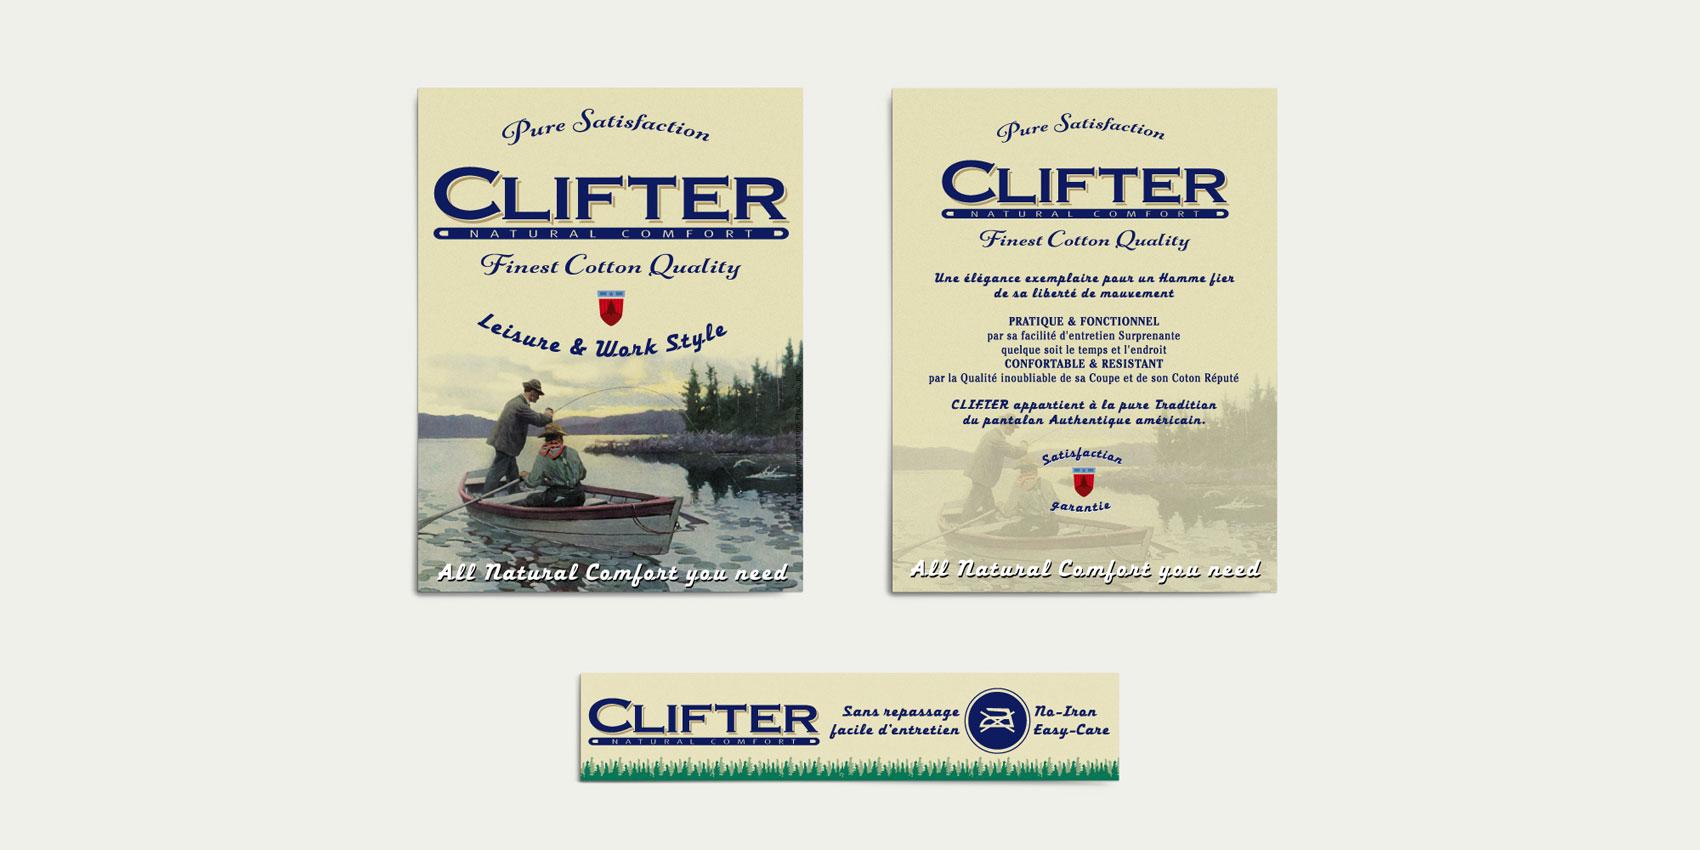 clifter-sportswear-2